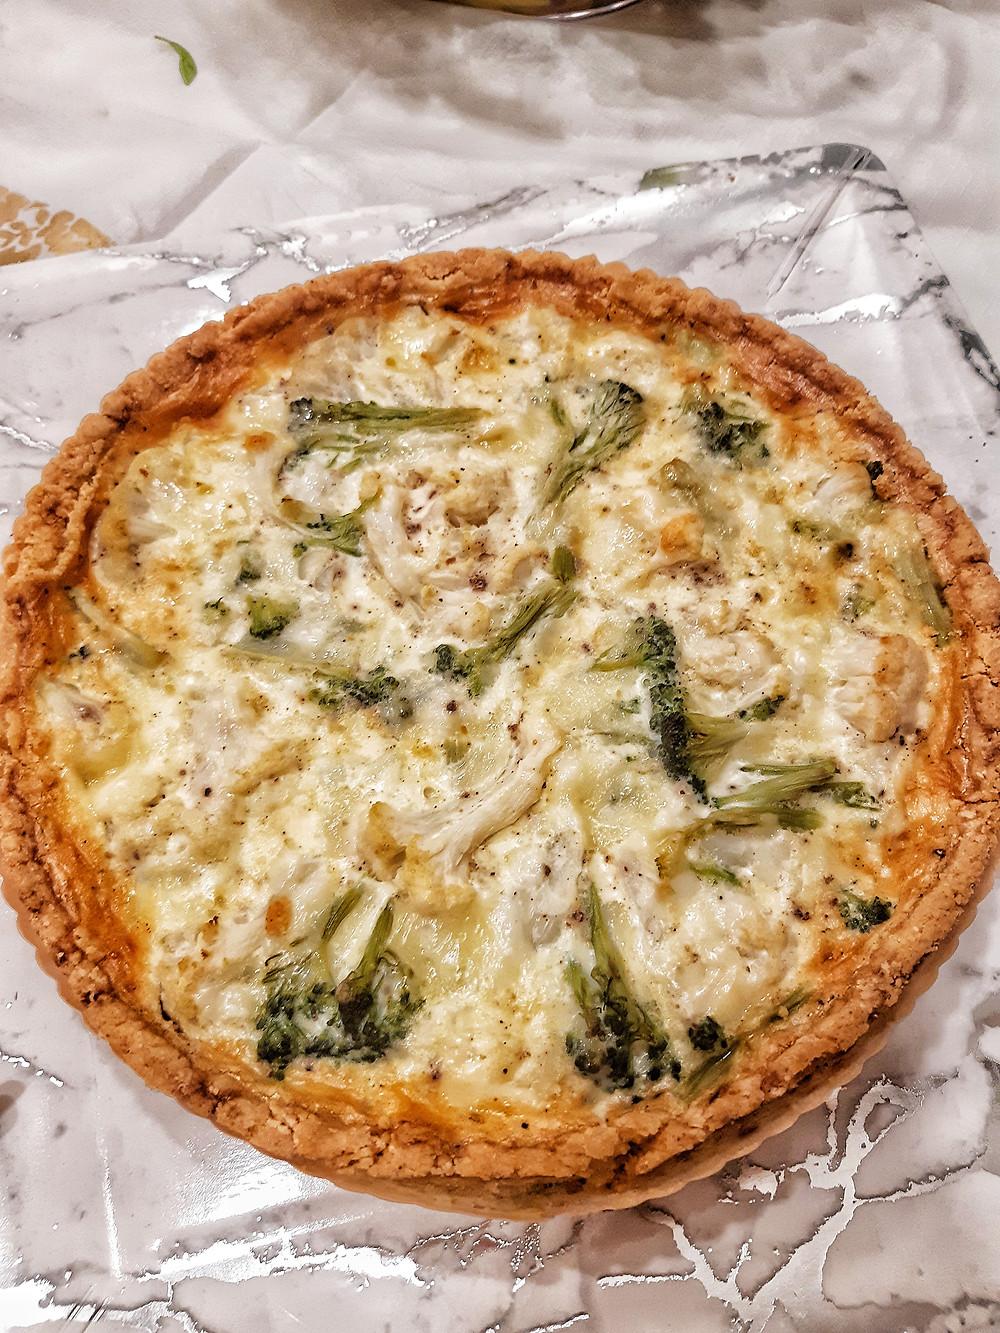 קיש, בטטה, גבינת עזים, קמח כחול, קמח ורוד, קמח דרך טבע, רויאל, ברוקולי, כרובית, קיש ברוקולי וכרובית